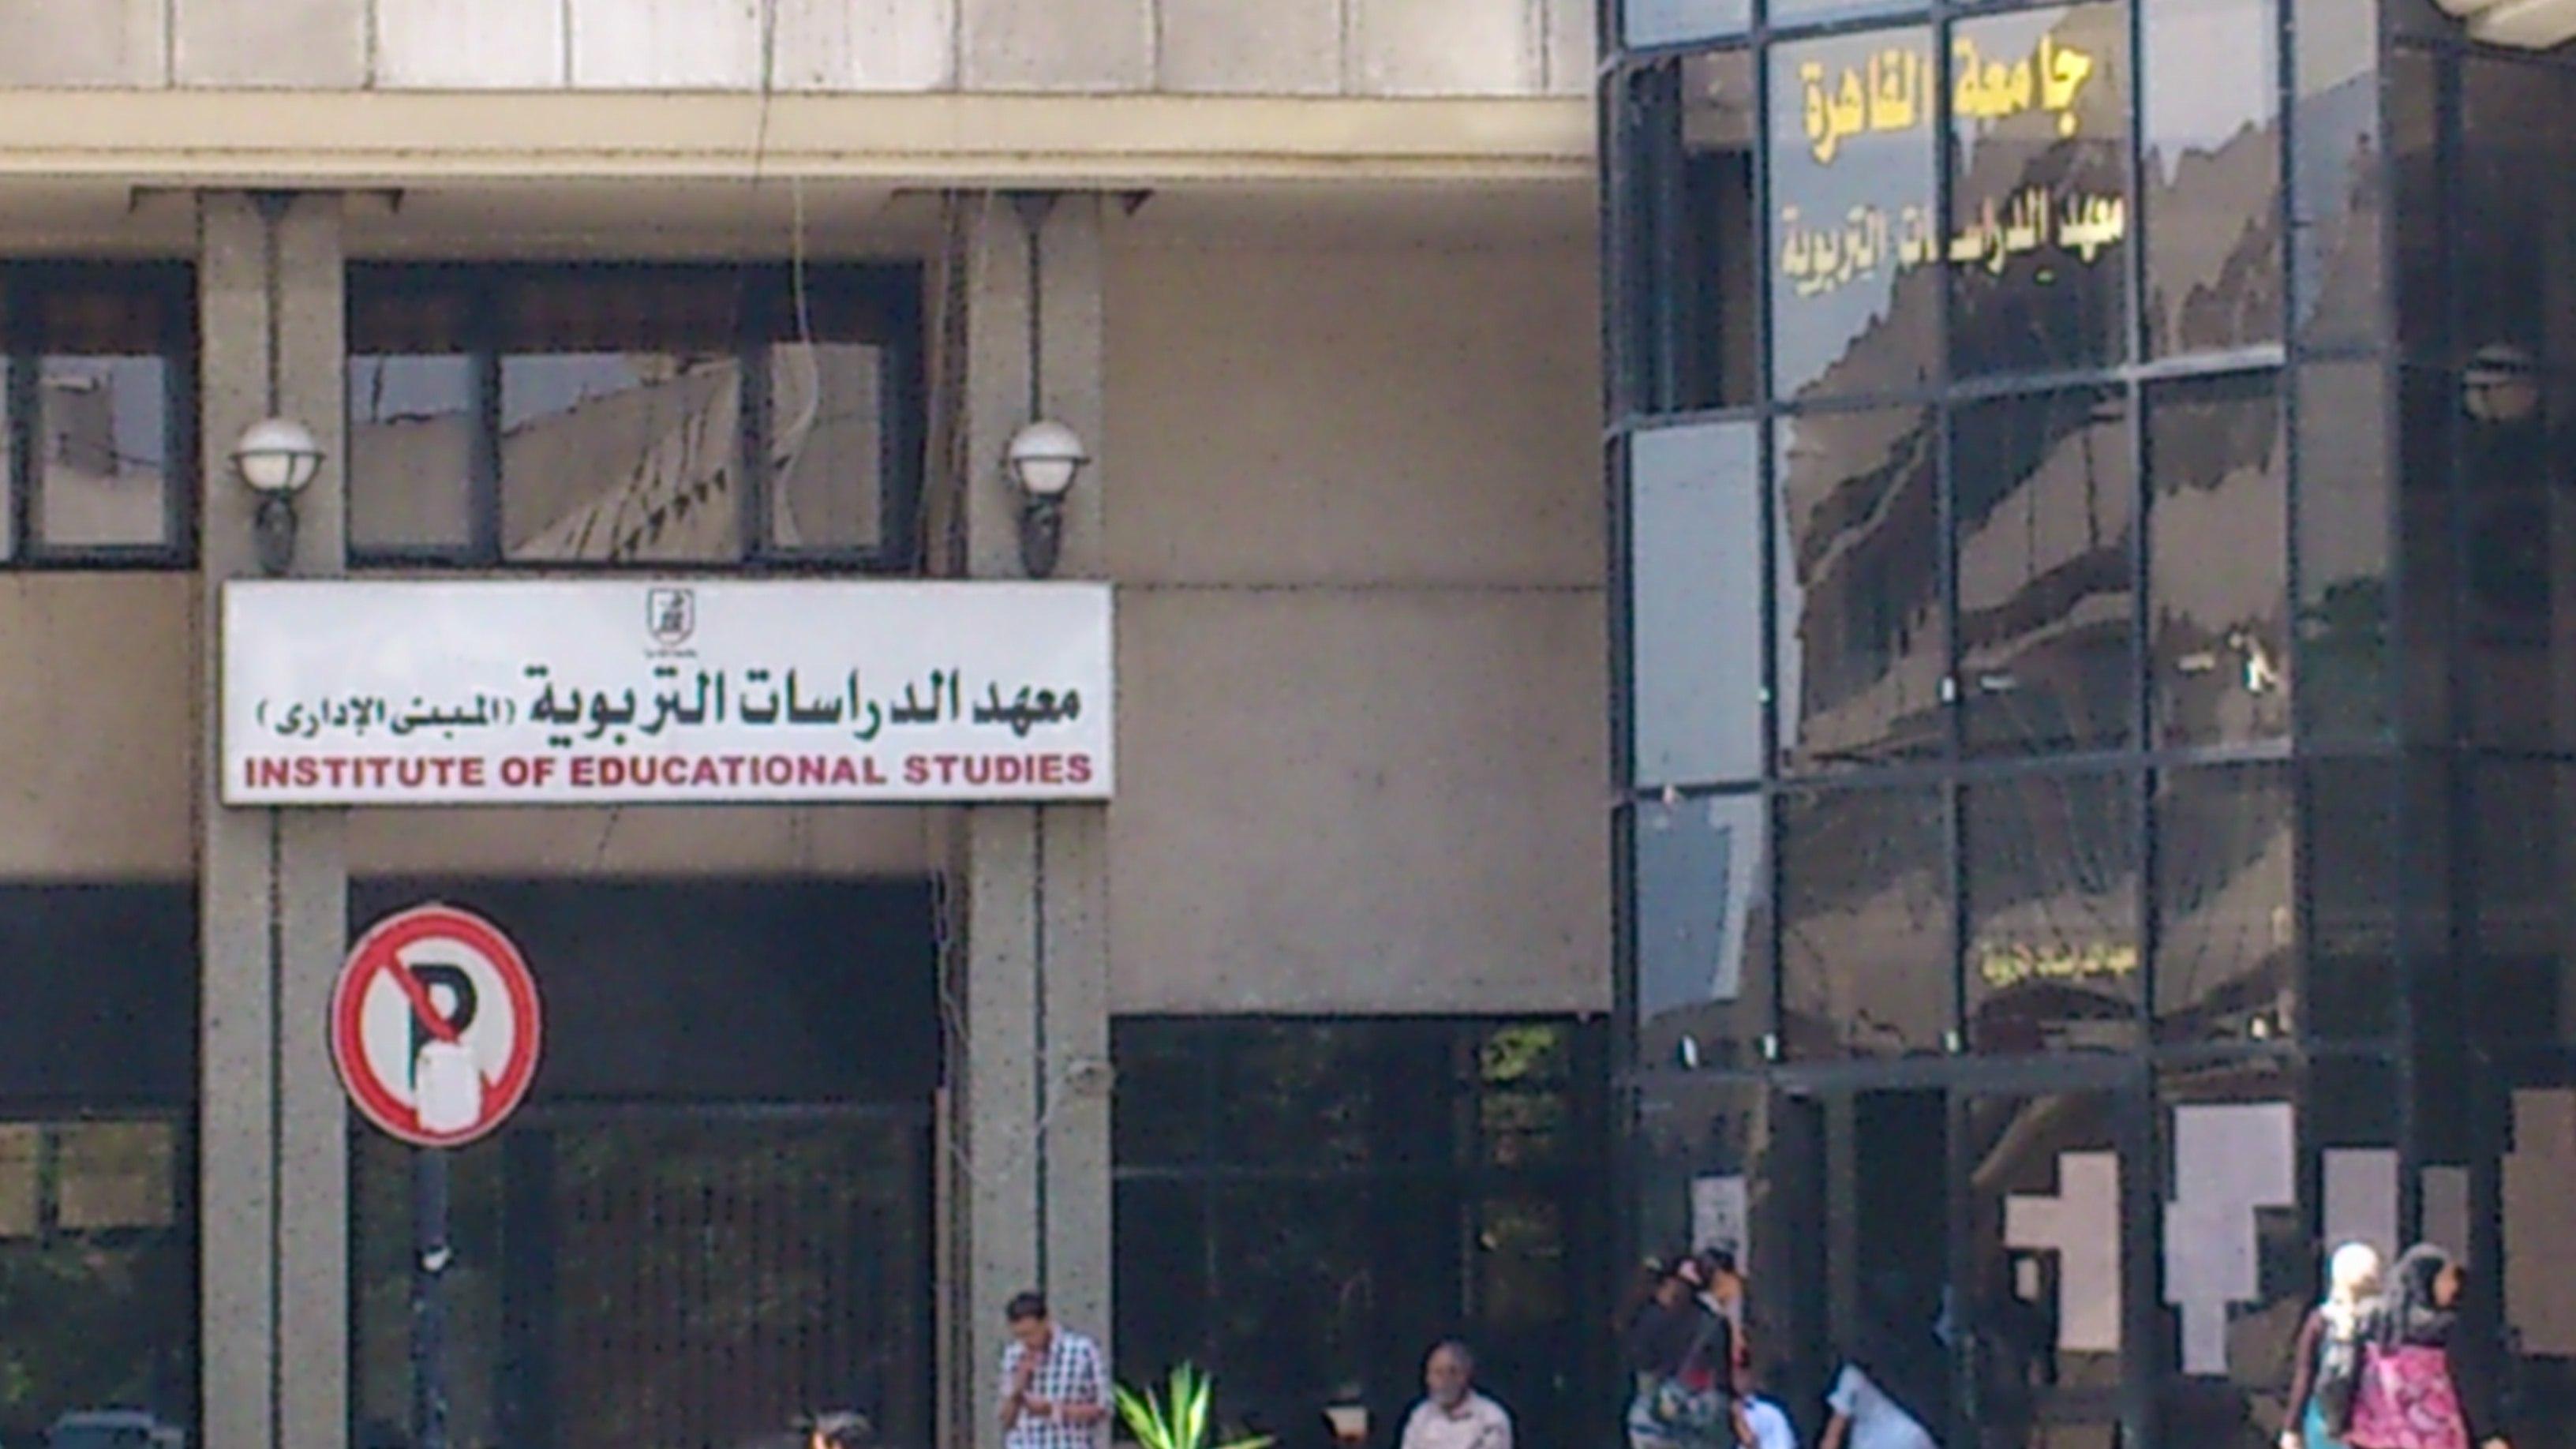 المعهد موجود بجوار المكتبة